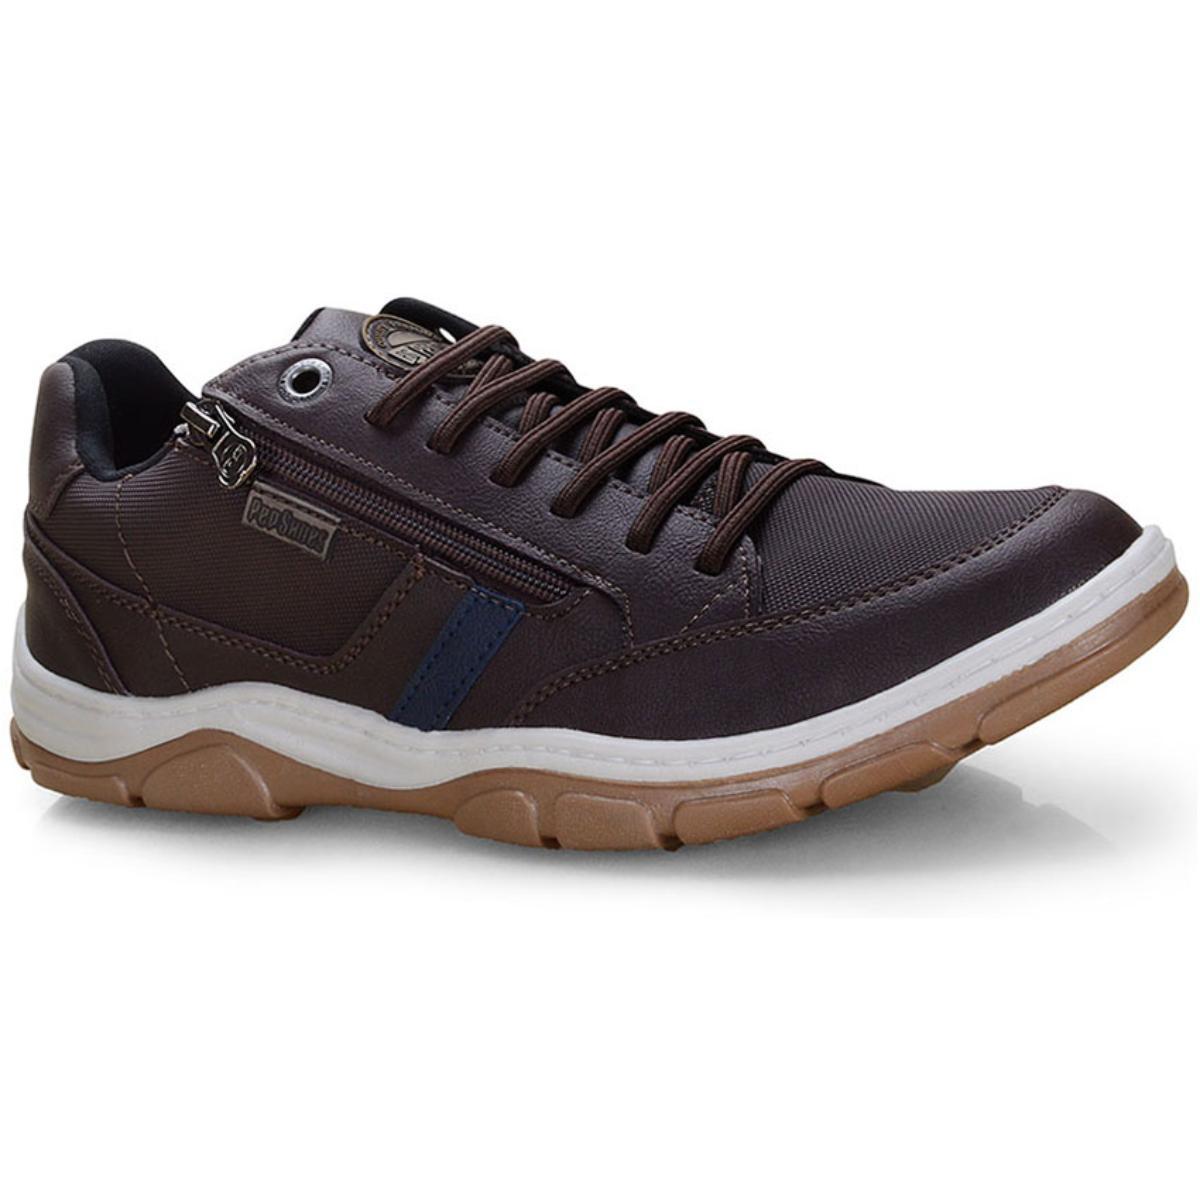 Sapatênis Masculino Ped Shoes 17503-b Kit c/ Relogio Café/marinho